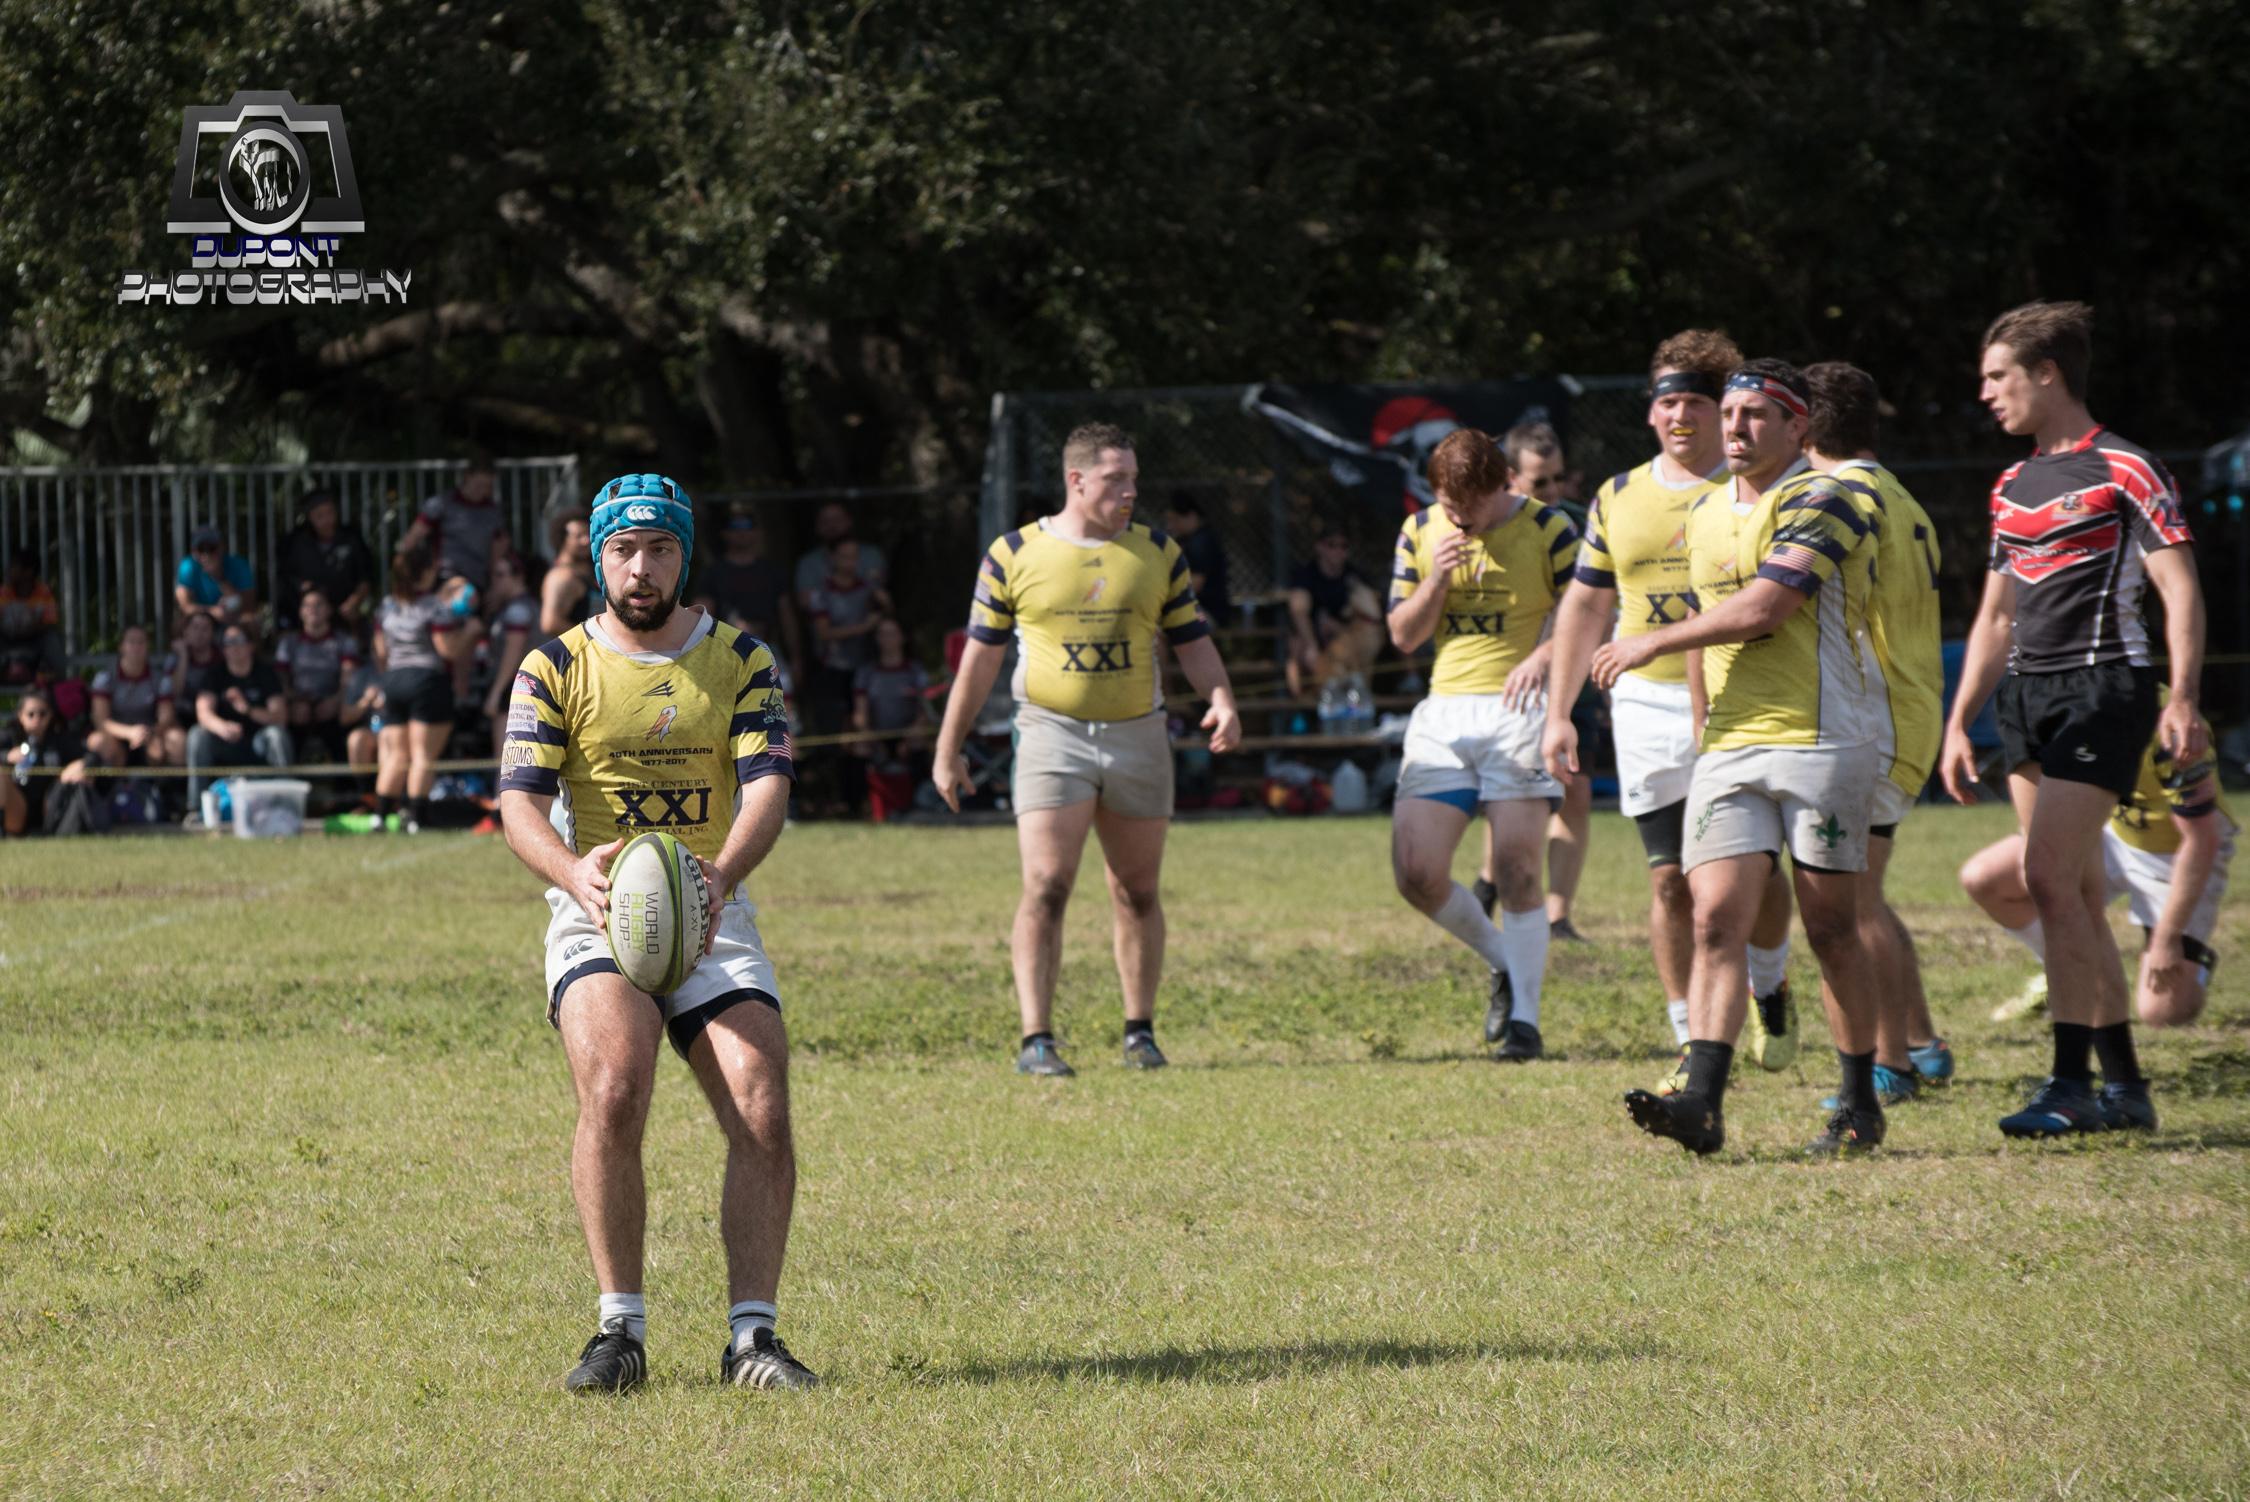 2019-01-19 Rugby-455-8.jpg